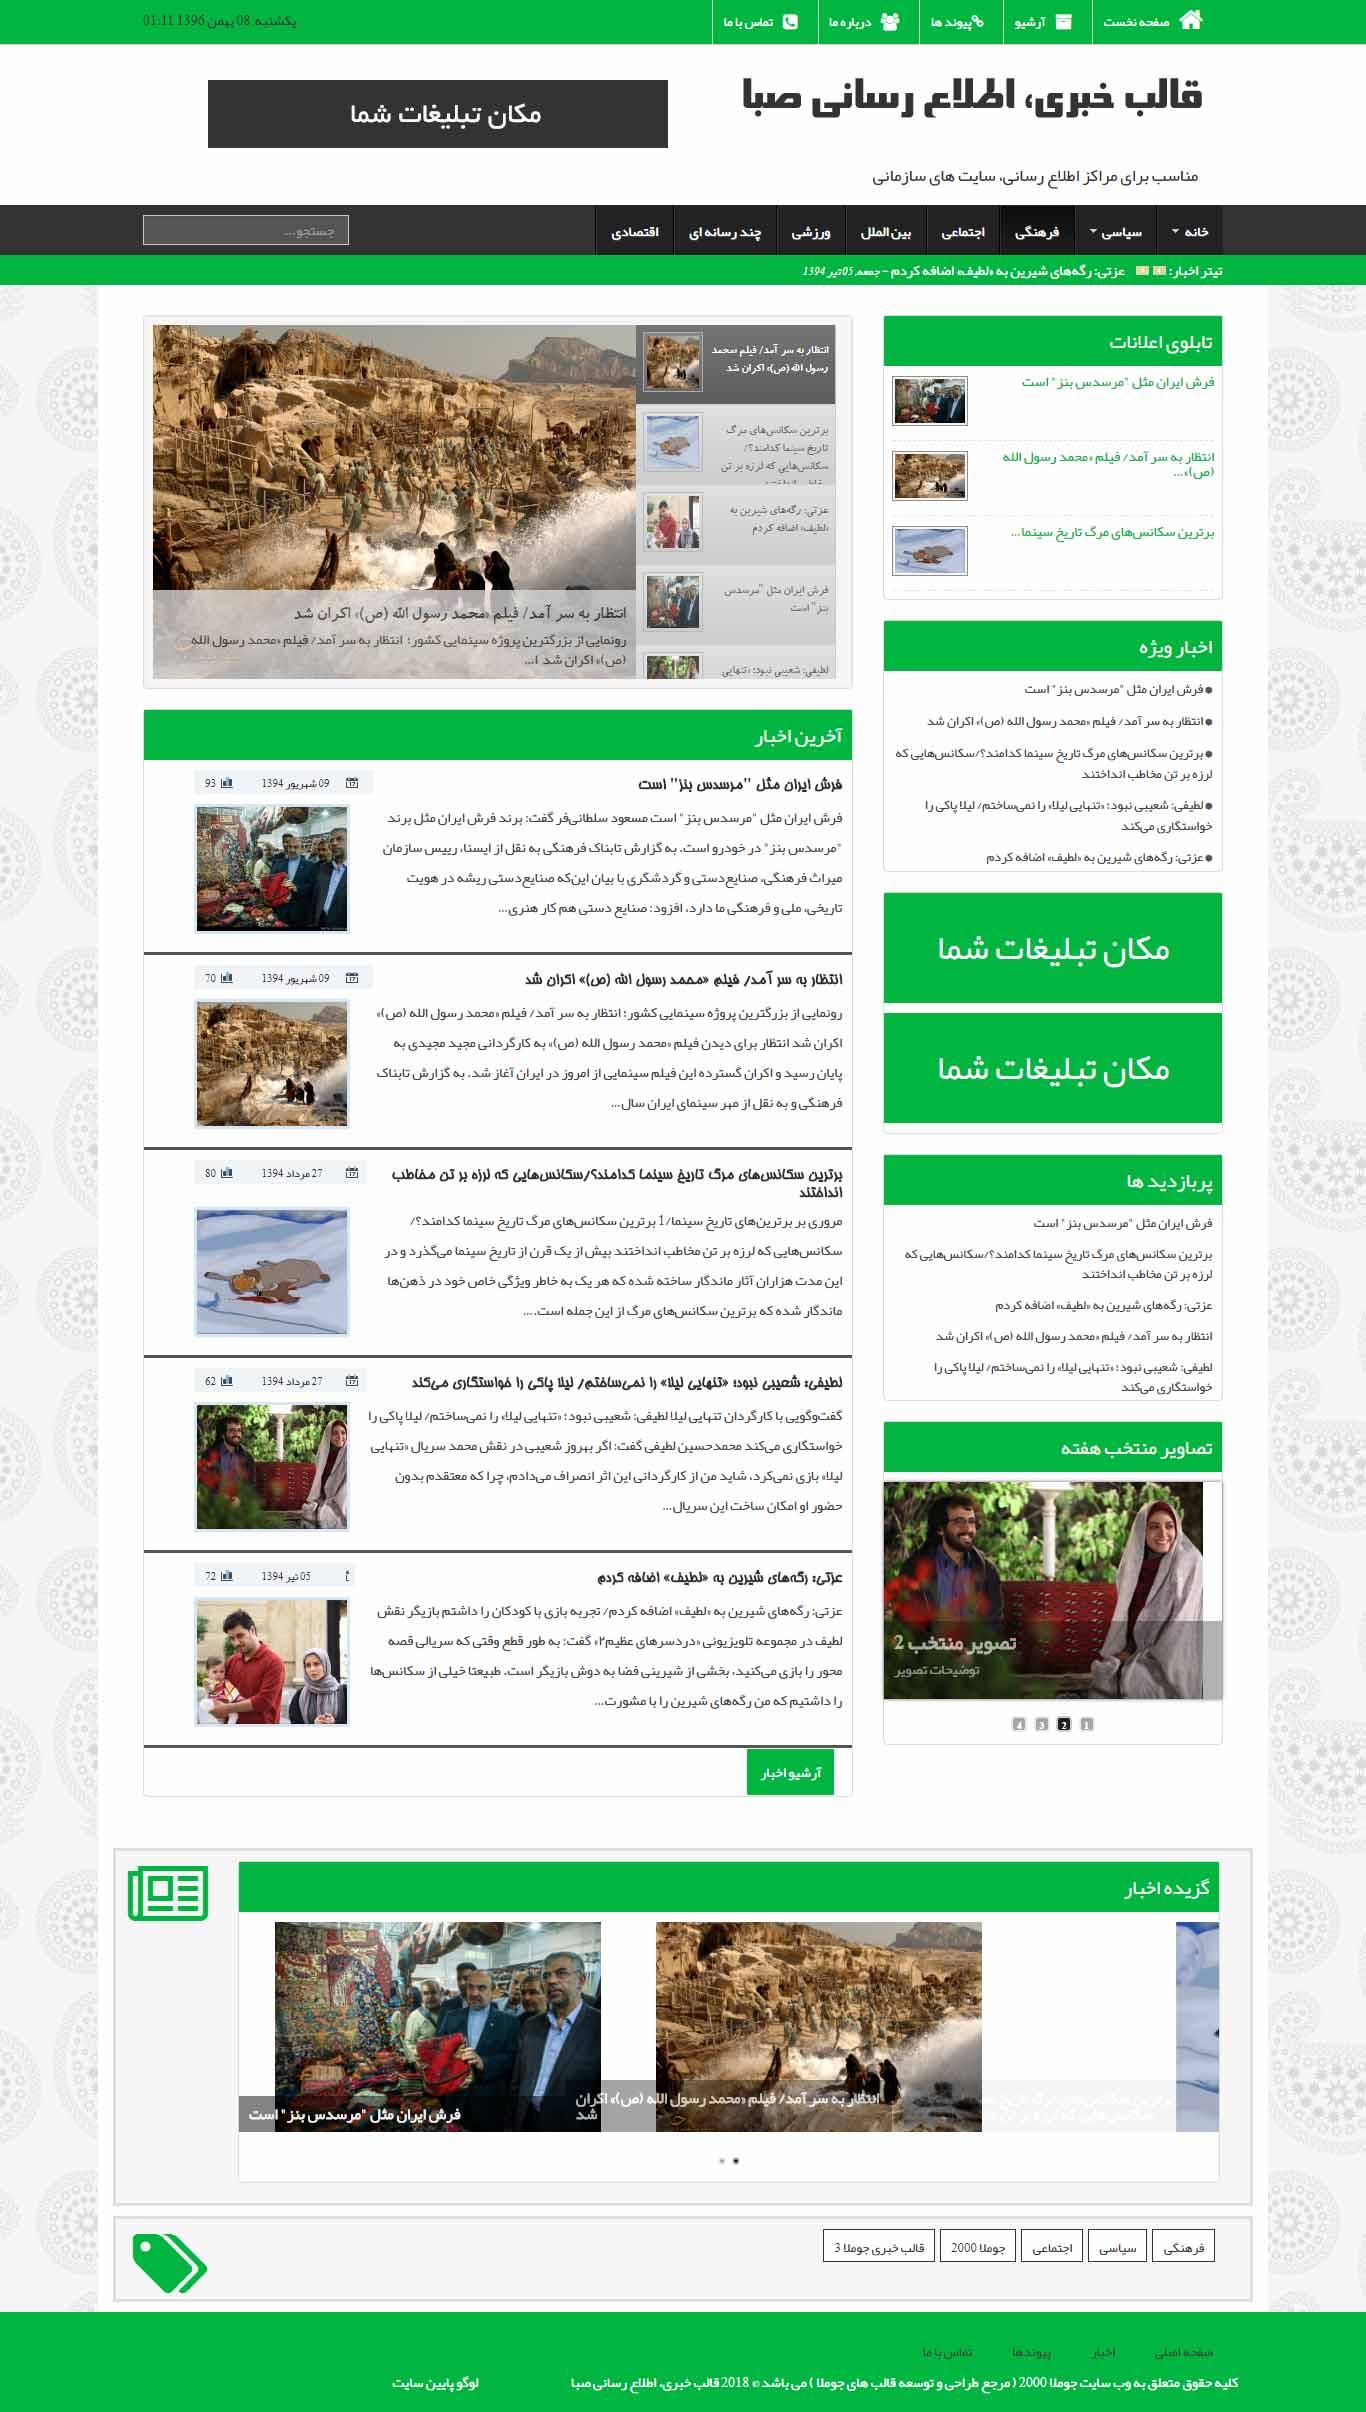 قالب جوملا saba | قالب خبری صبا | پوسته مجله خبری صبا | قالب مجله خبری saba